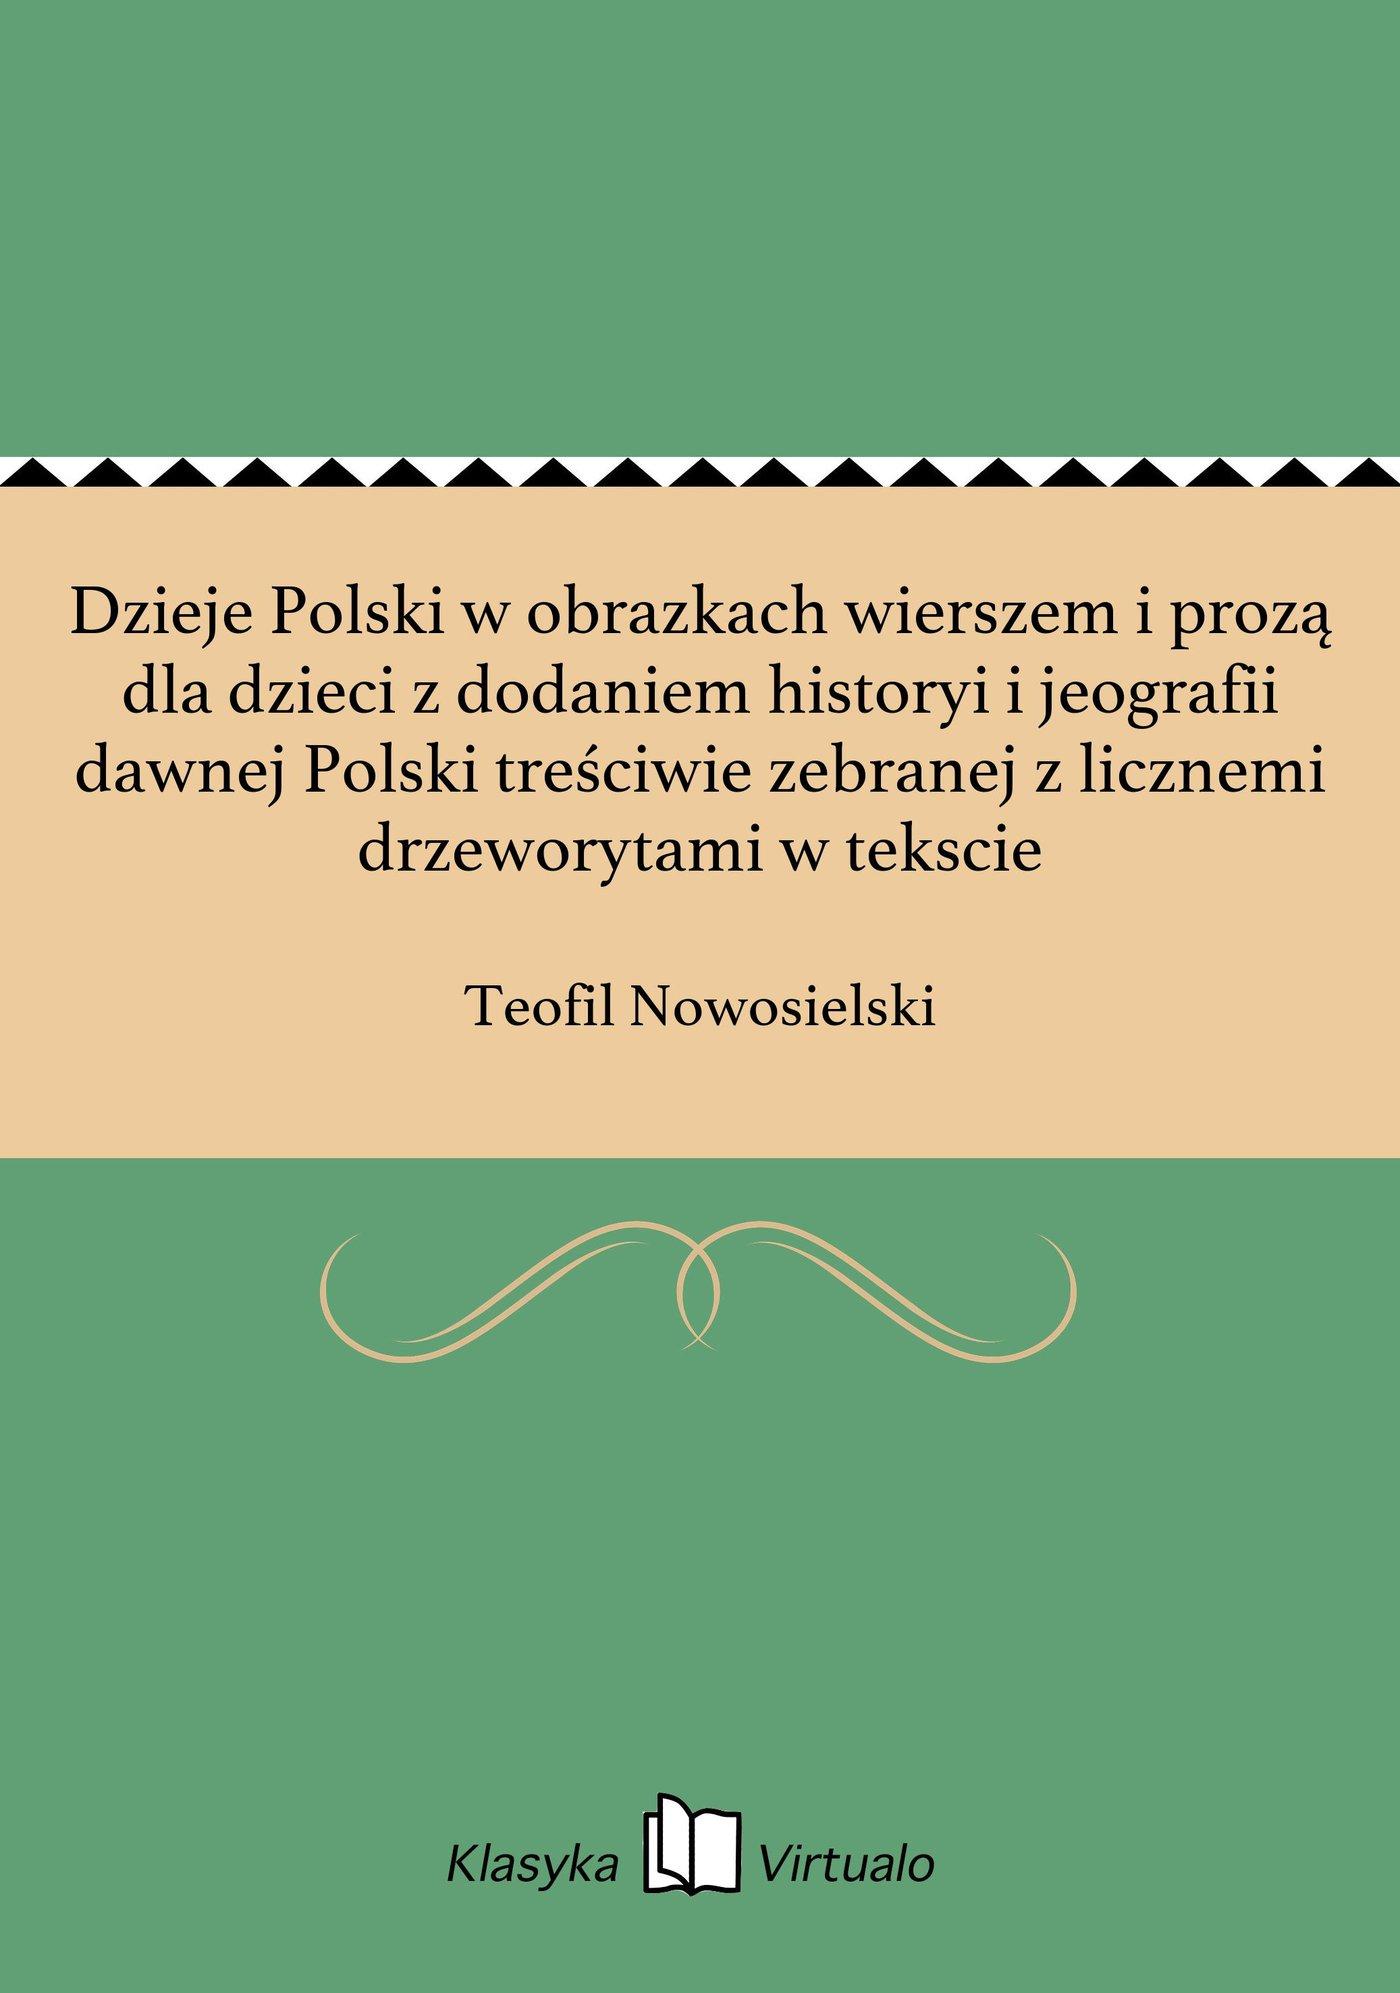 Dzieje Polski w obrazkach wierszem i prozą dla dzieci z dodaniem historyi i jeografii dawnej Polski treściwie zebranej z licznemi drzeworytami w tekscie - Ebook (Książka na Kindle) do pobrania w formacie MOBI